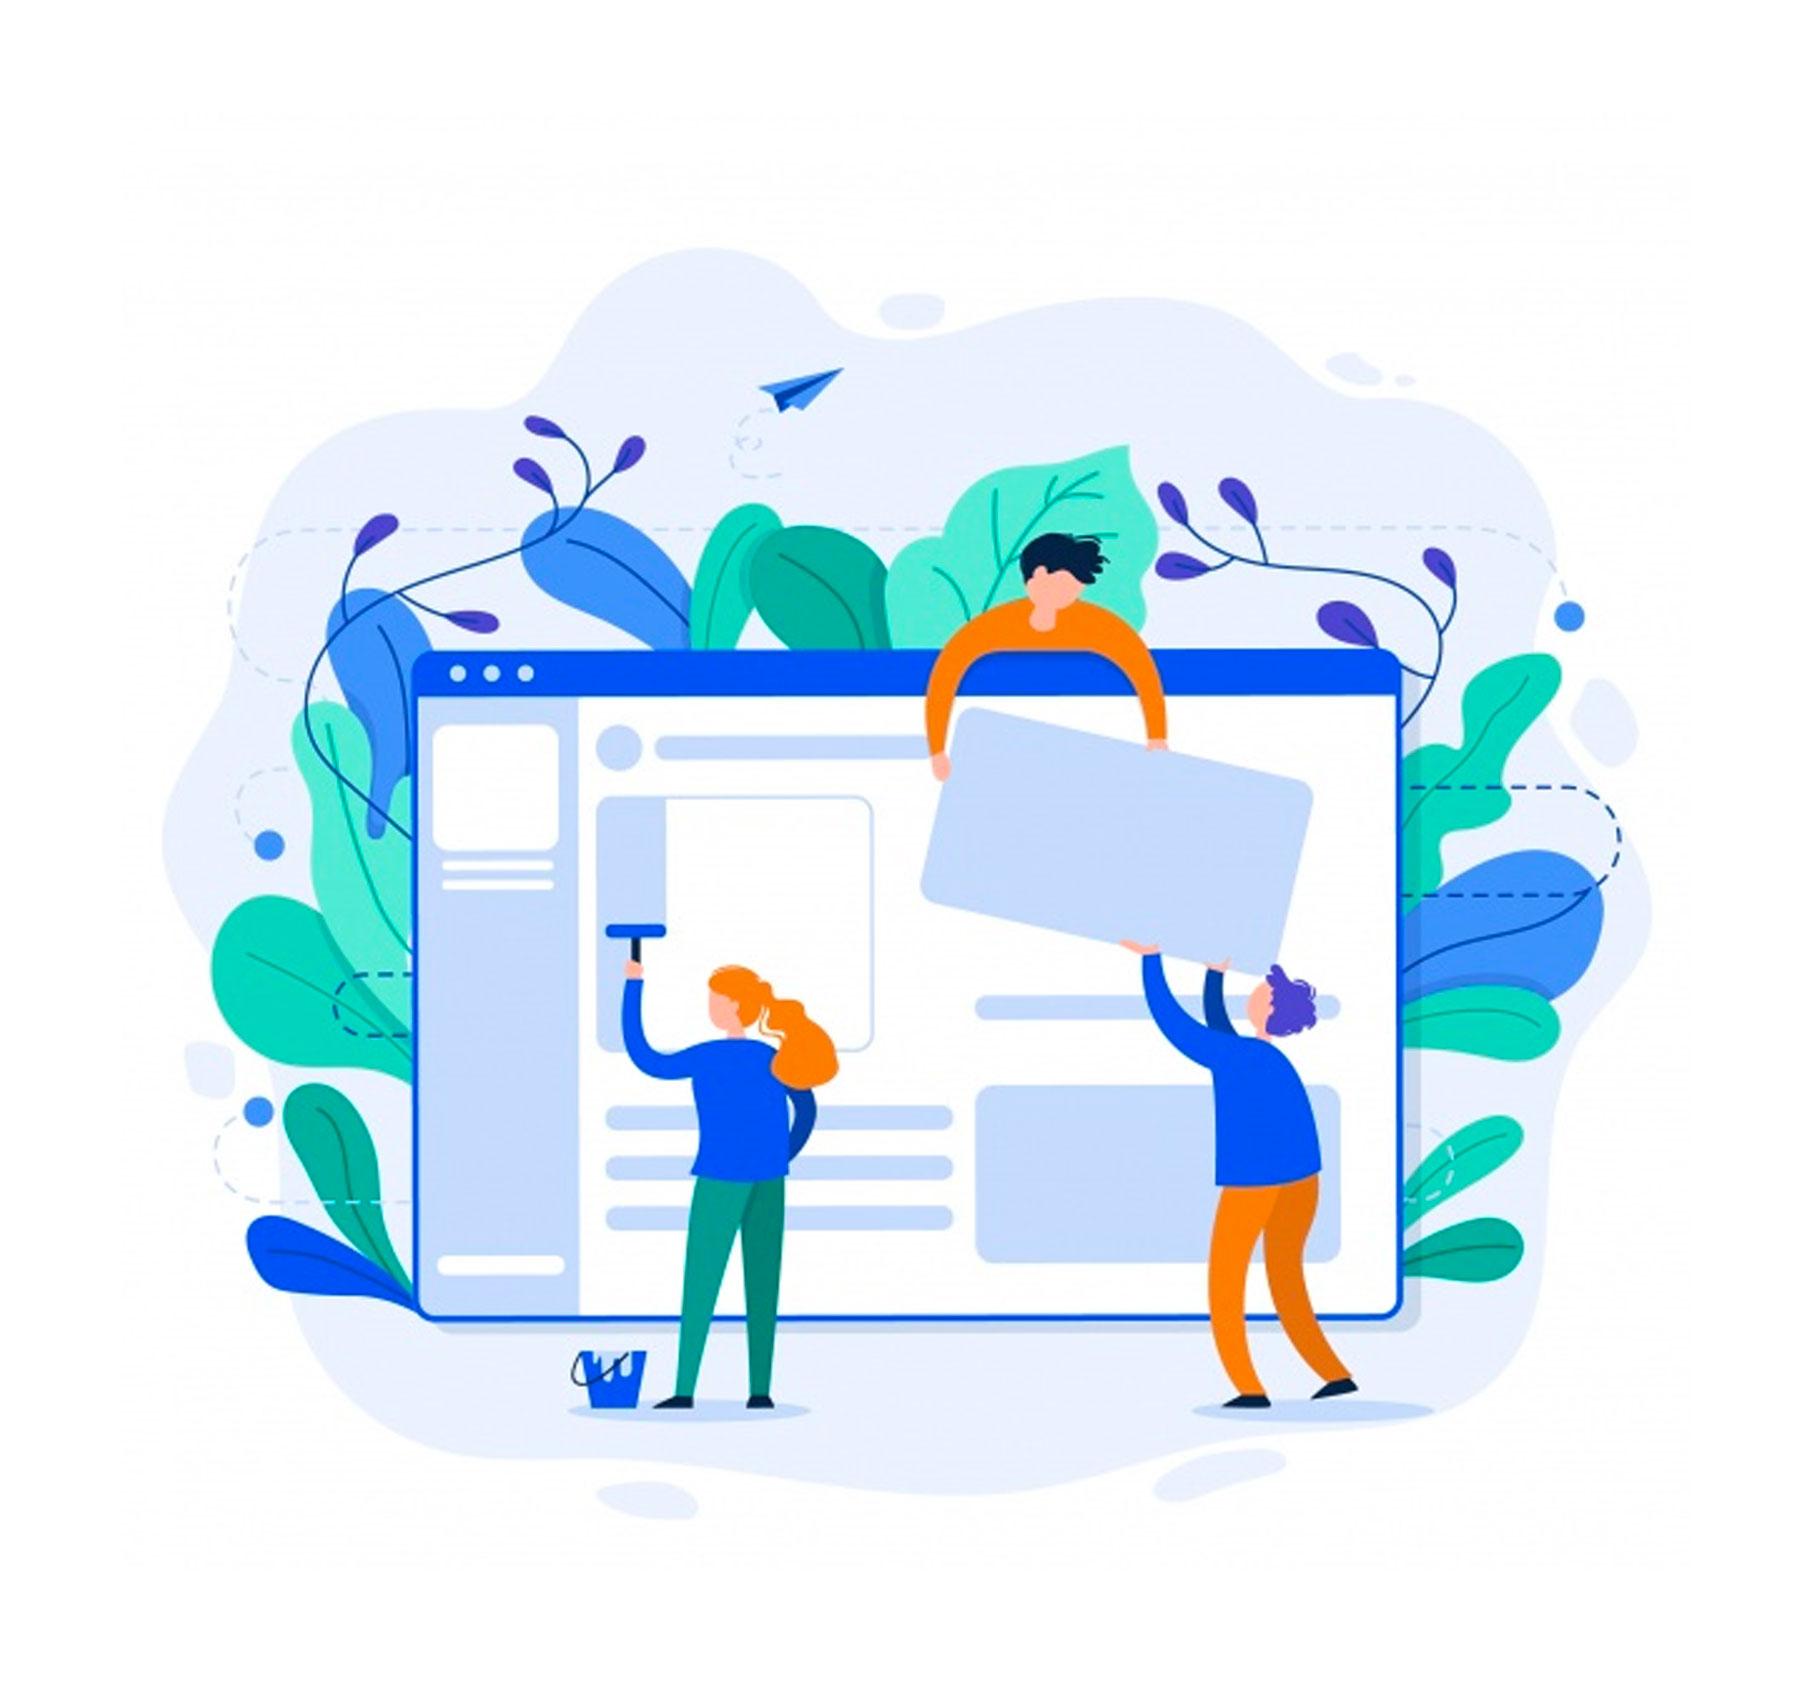 Neden Bir Web Siteniz Olmalıdır?